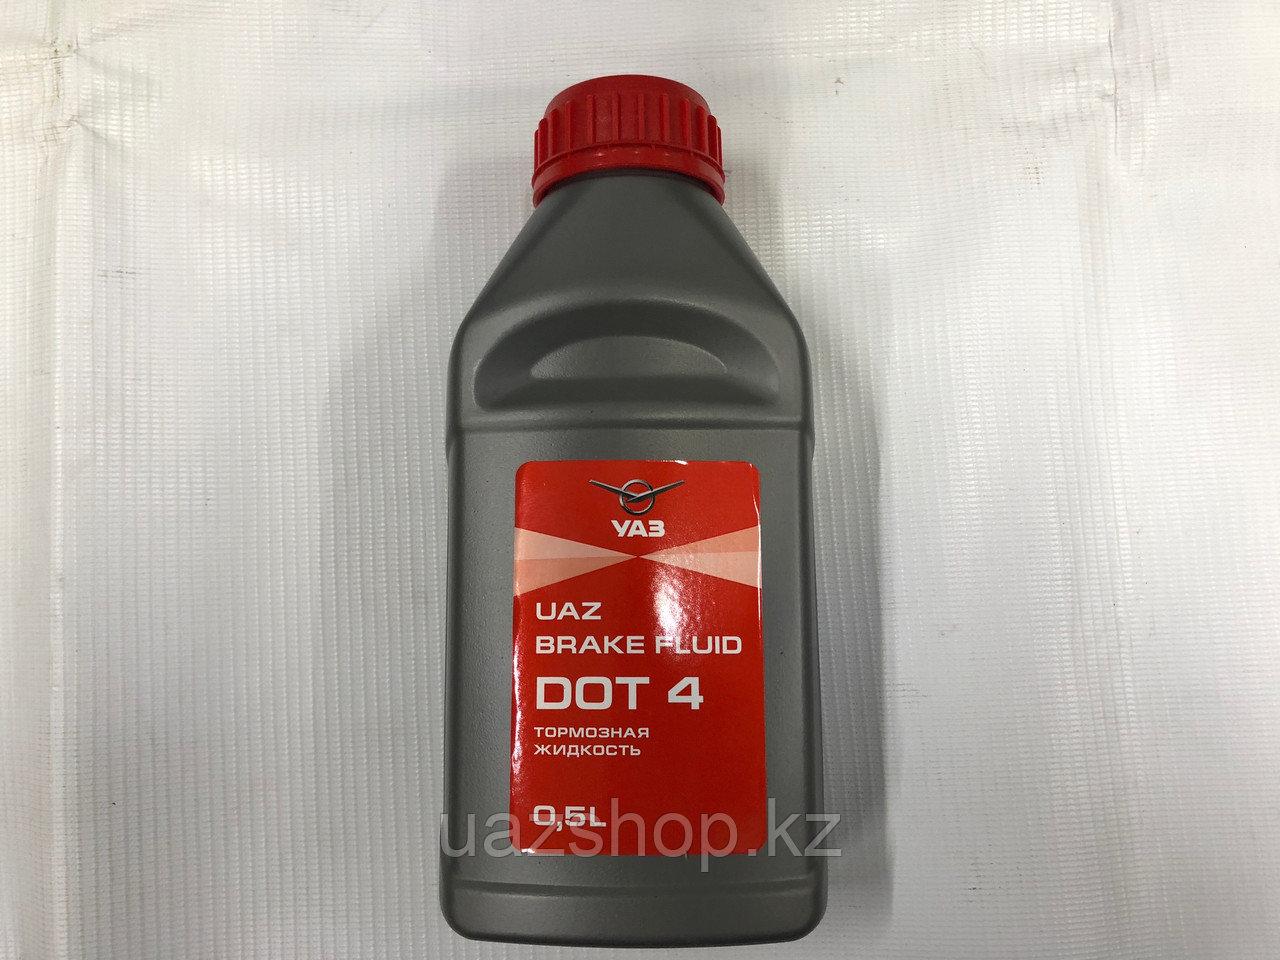 Тормозная жидкость 0,5L